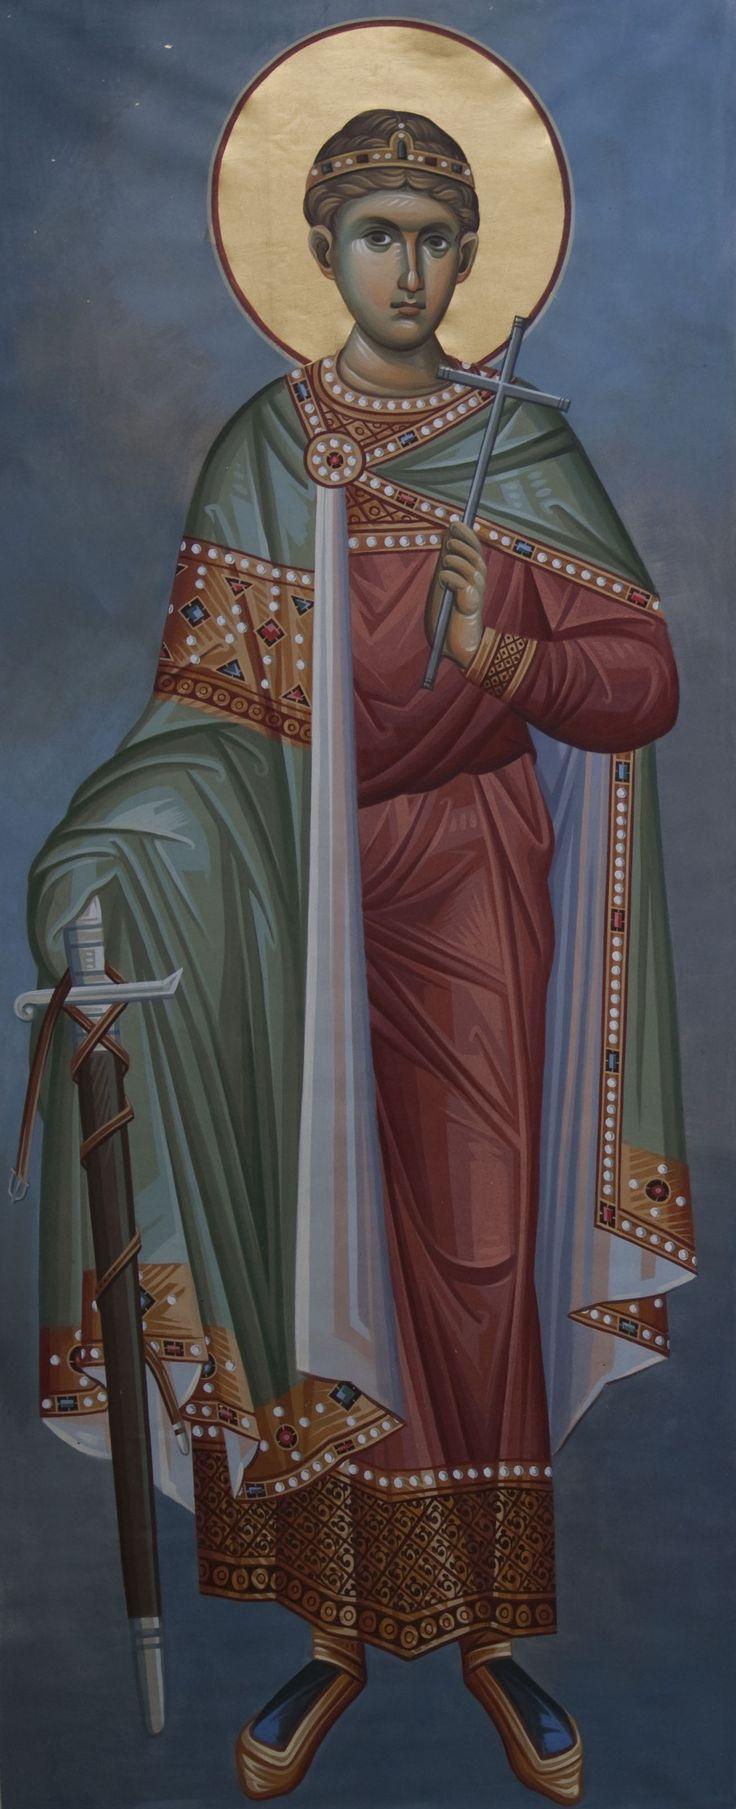 Αγιος Δημητριος Ο Μυροβλυτης (; - 306)___oct 26